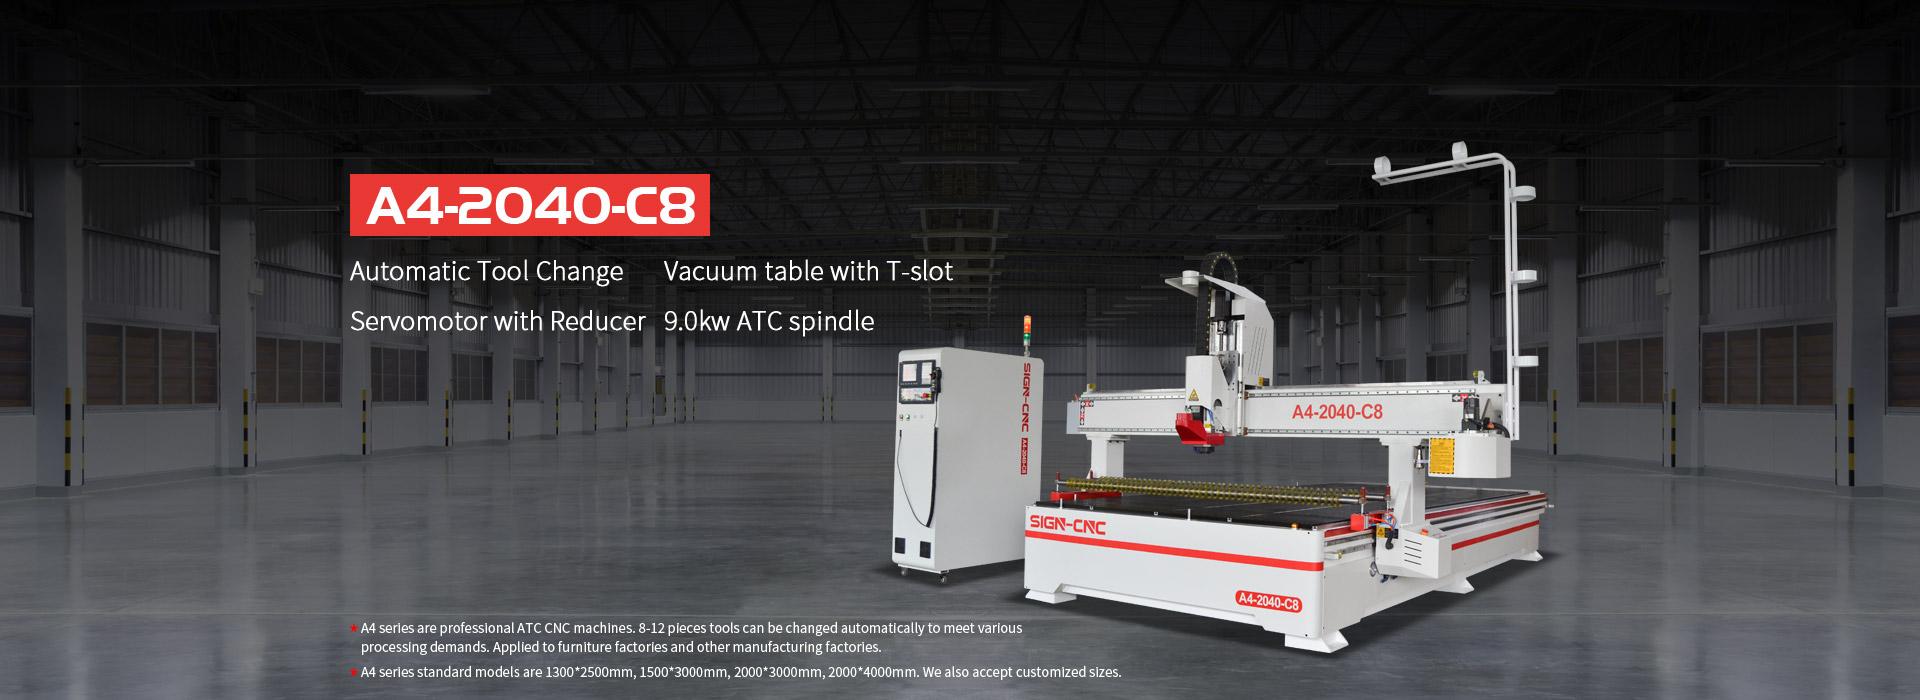 A4-2040-C8